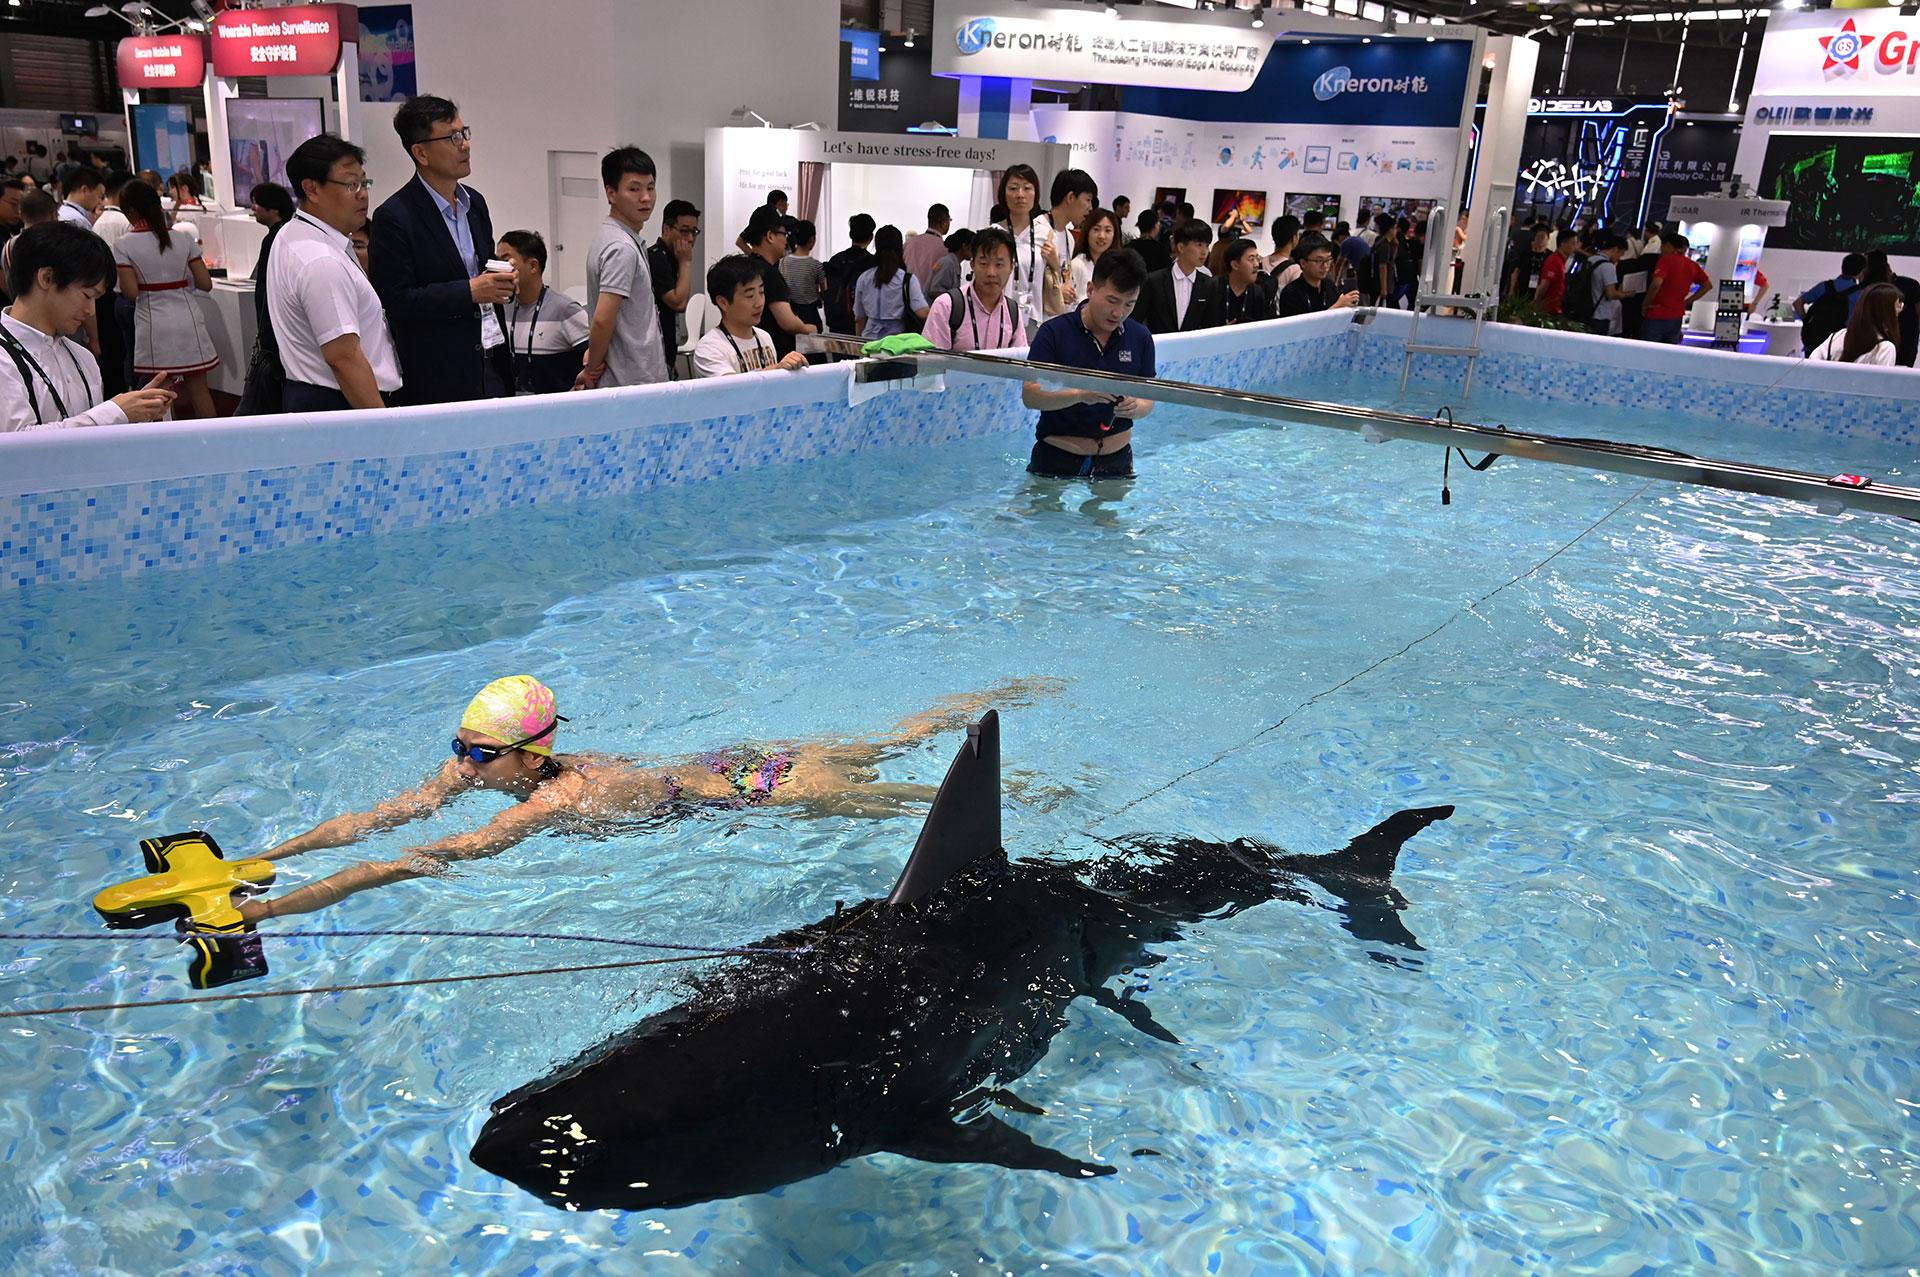 Una mujer nada junto a un robot submarino durante el Consumer Electronics Show, Ces Asia 2019 en Shanghai el 11 de junio de 2019. (AFP)